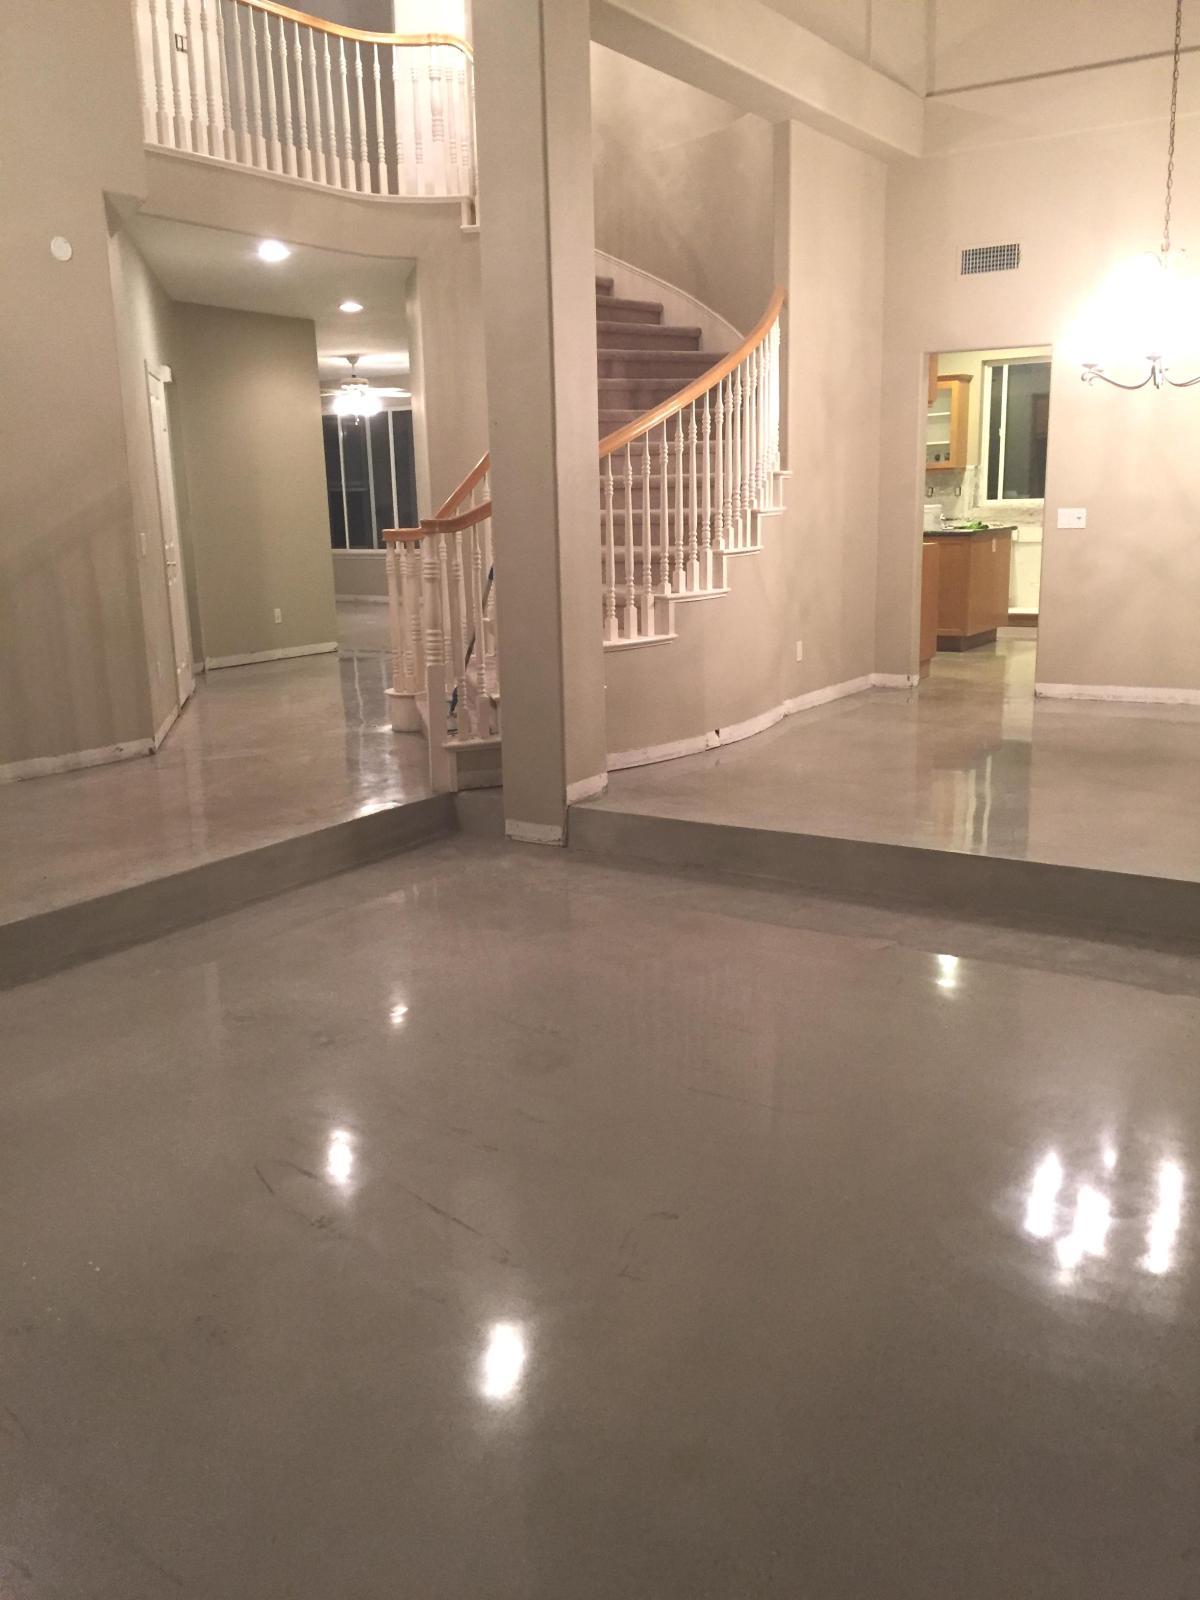 Residential interior floors-S. Clarita, Ca